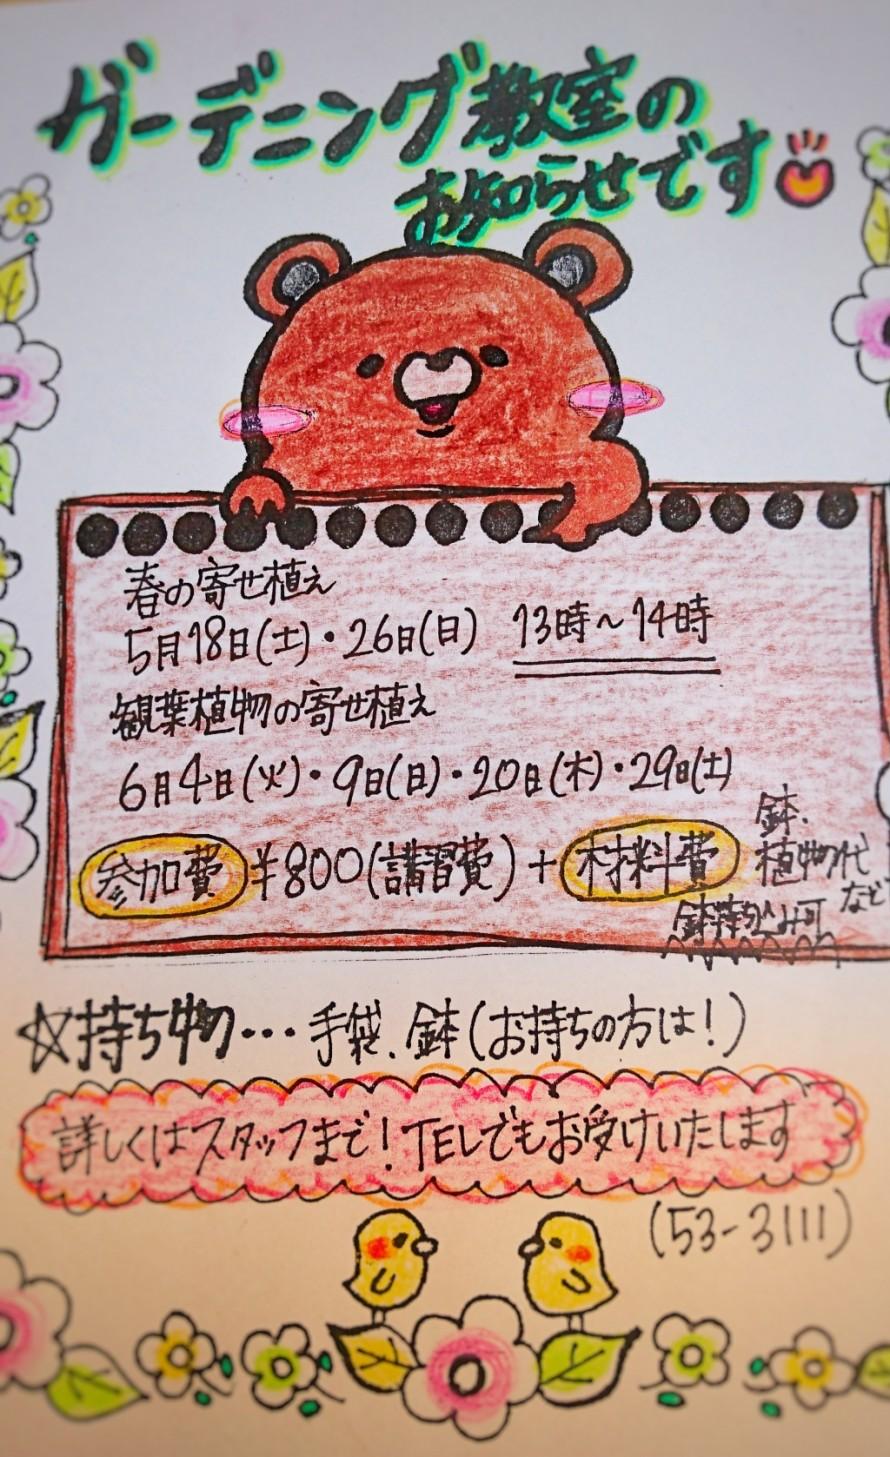 母の日。ガーデニング教室。飯田市でお庭の事なら何でもお気軽にご相談。